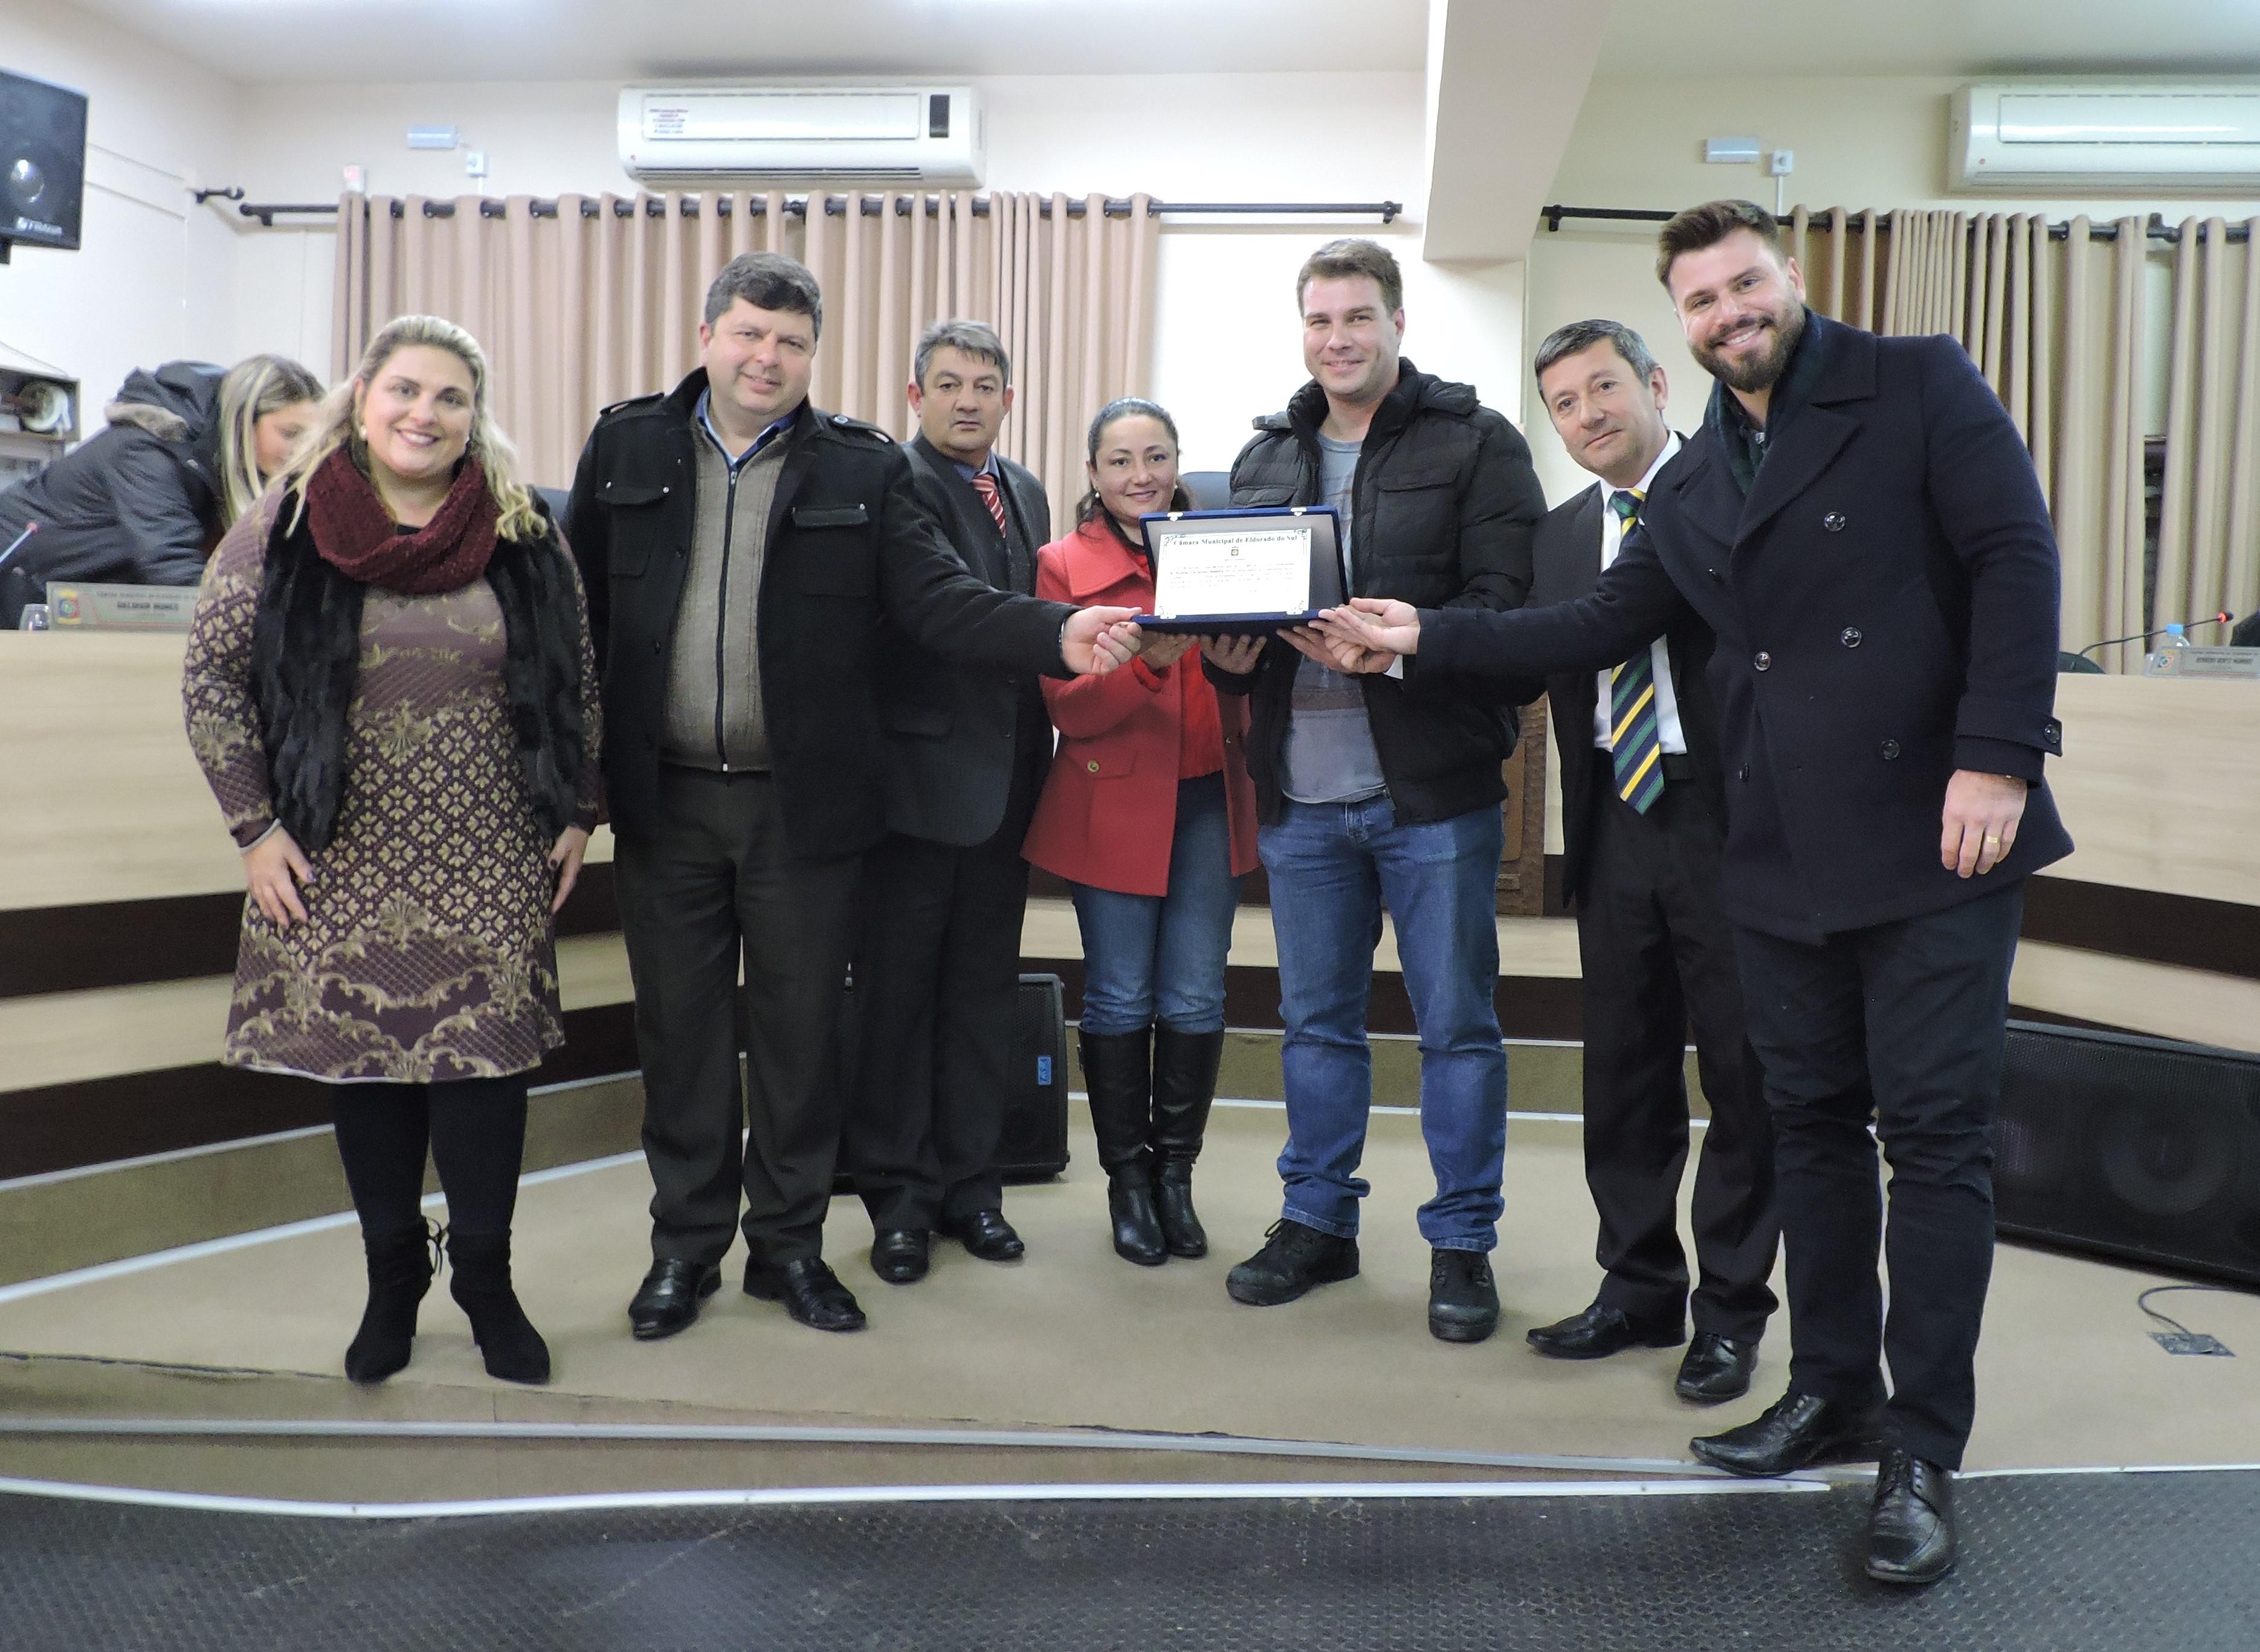 Câmara entrega Moção Honrosa ao Inspetor de Polícia Rodrigo Fernandez Selistre